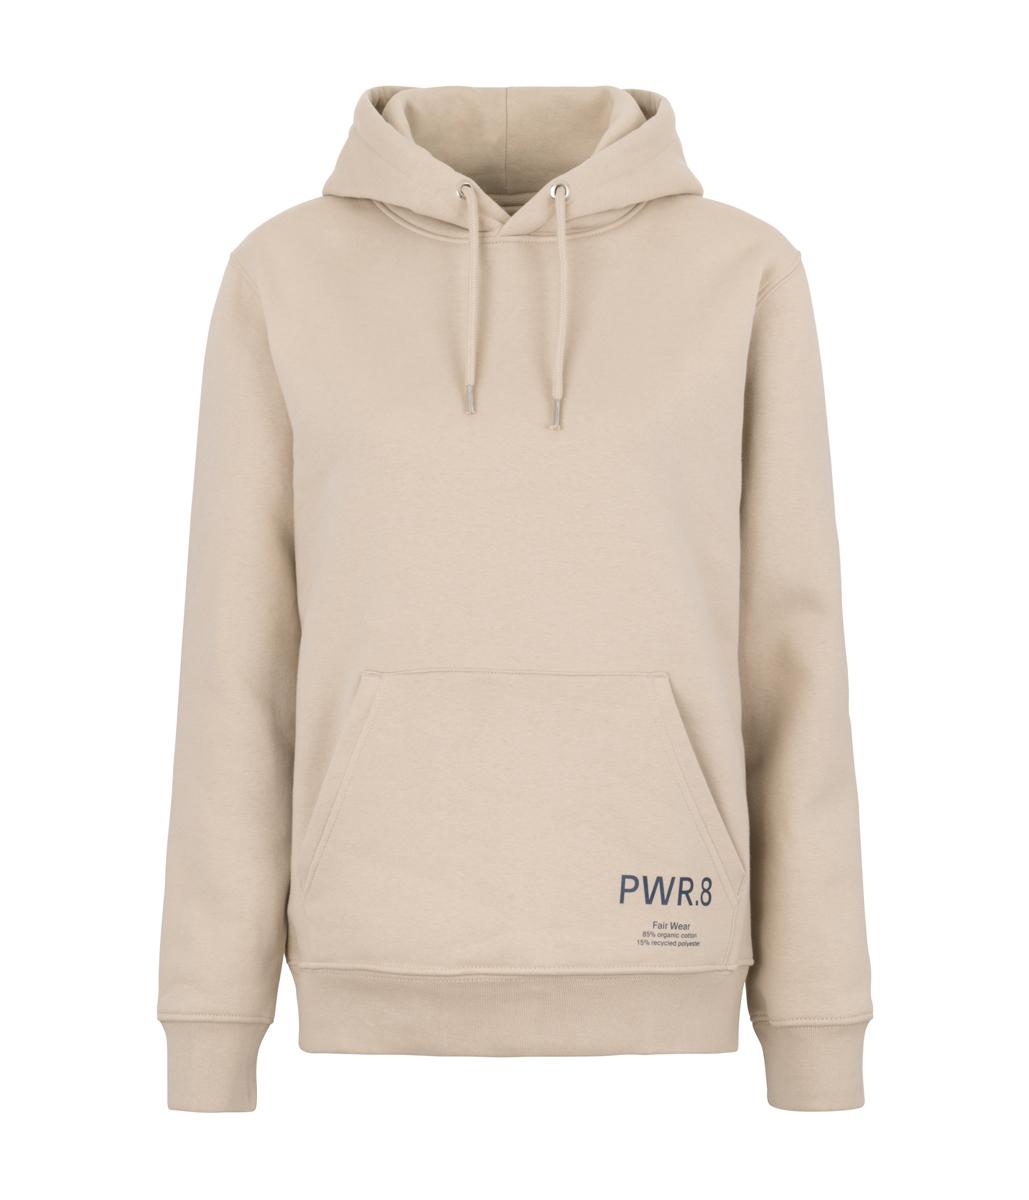 Pwr8_021